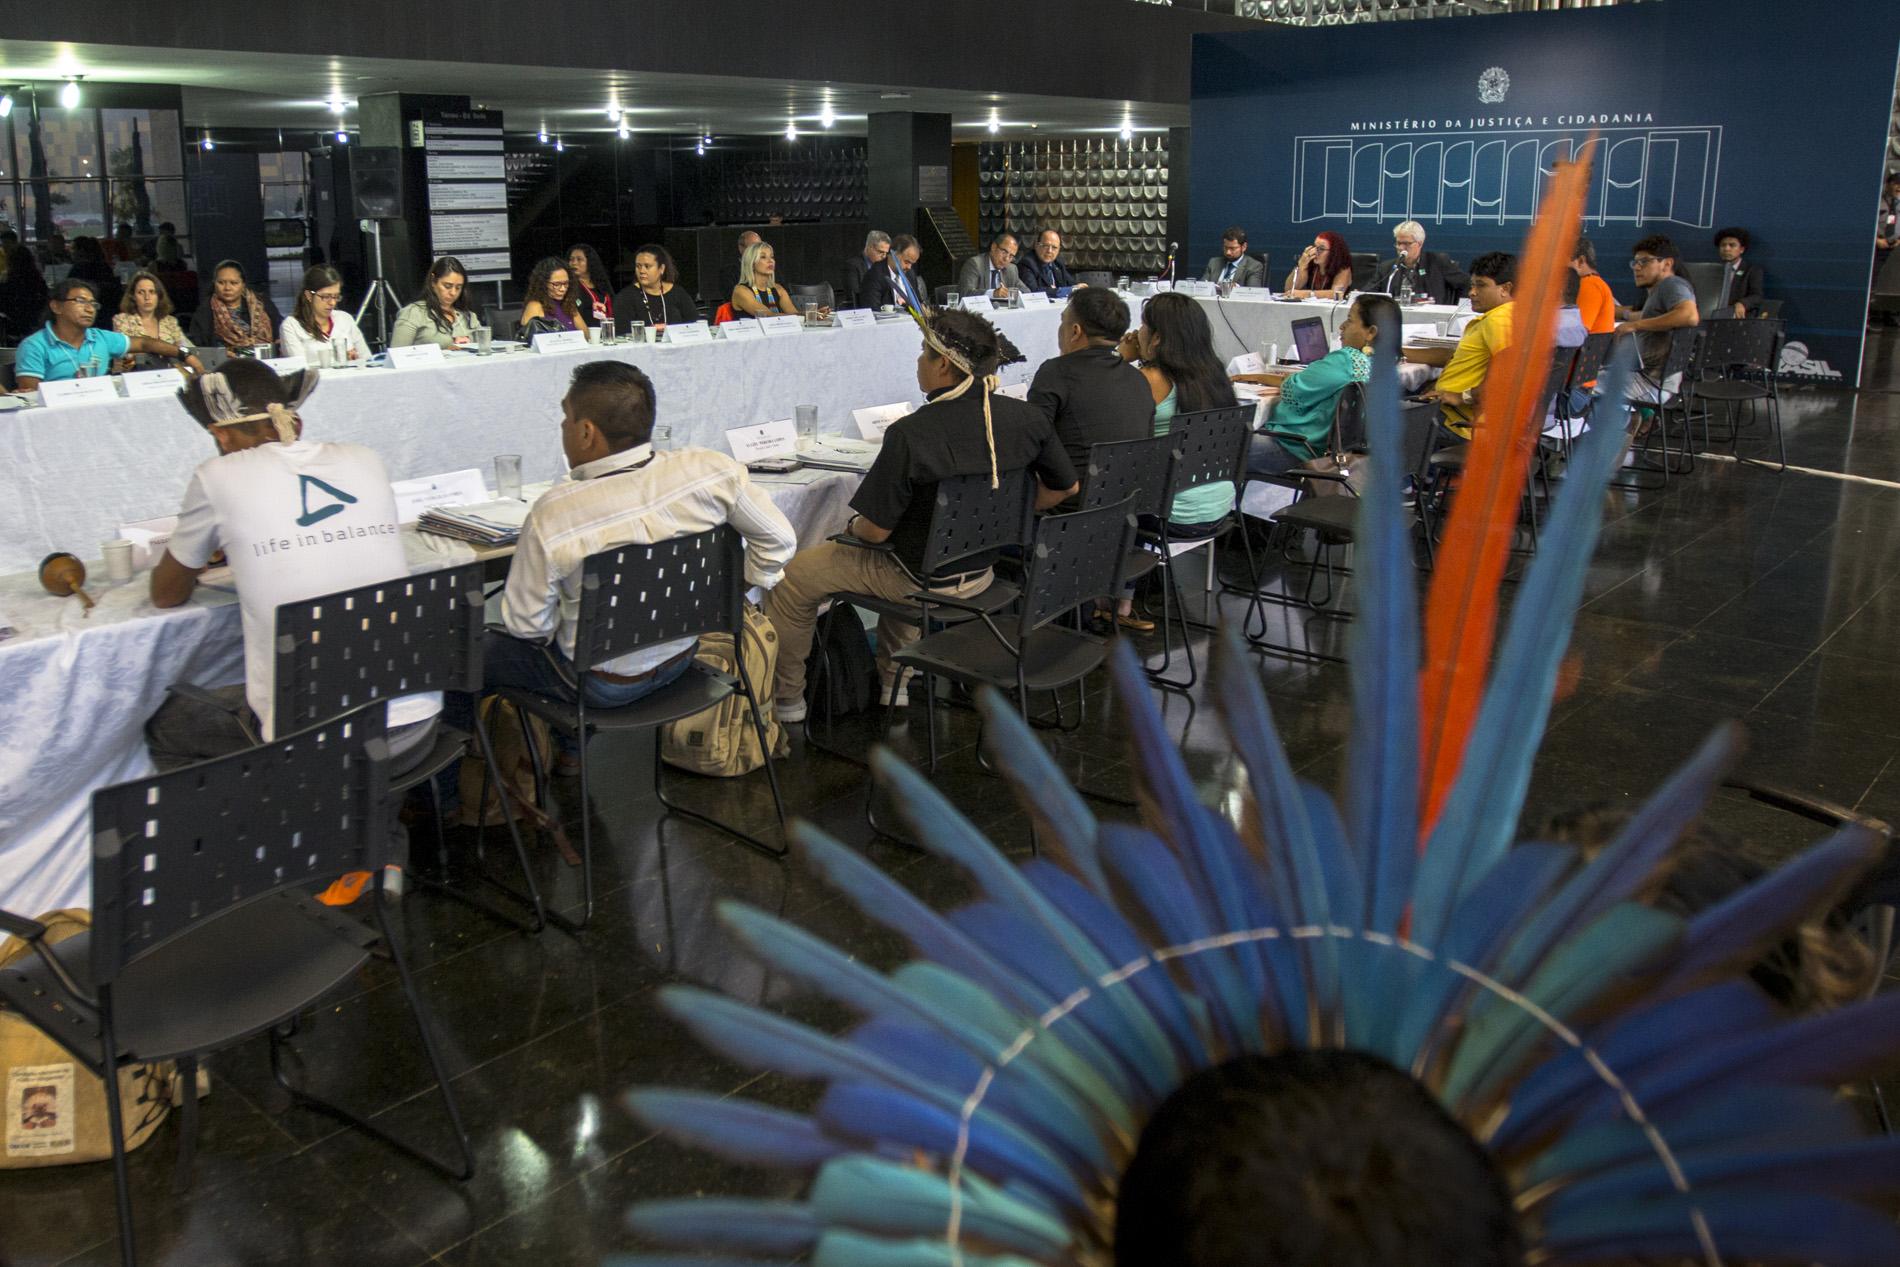 Conselheiros indígenas do CNPI protestam contra alteração no sistema de demarcações de terras no governo Temer